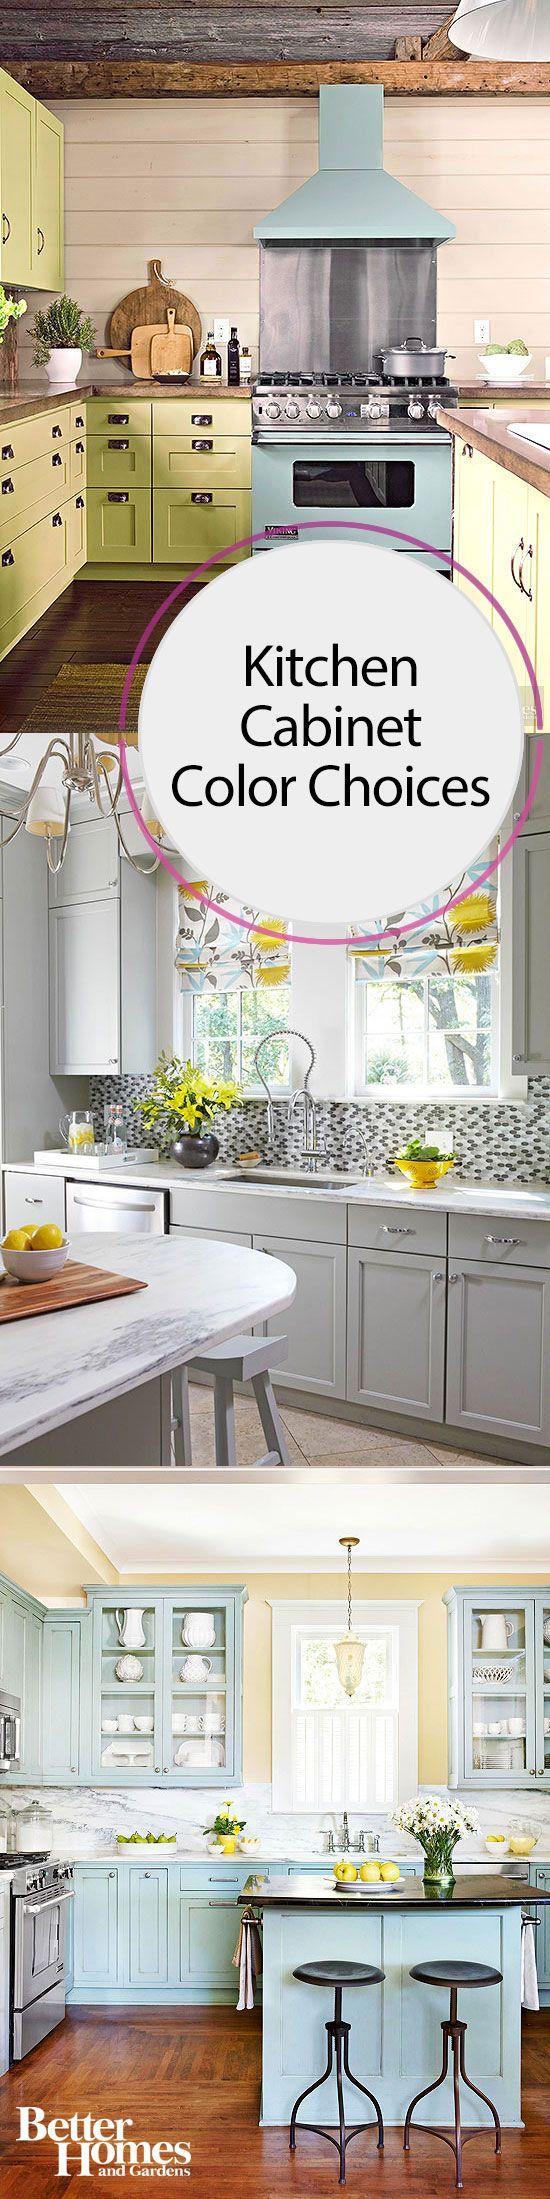 Kitchen Cabinet Color Choices   Häuschen